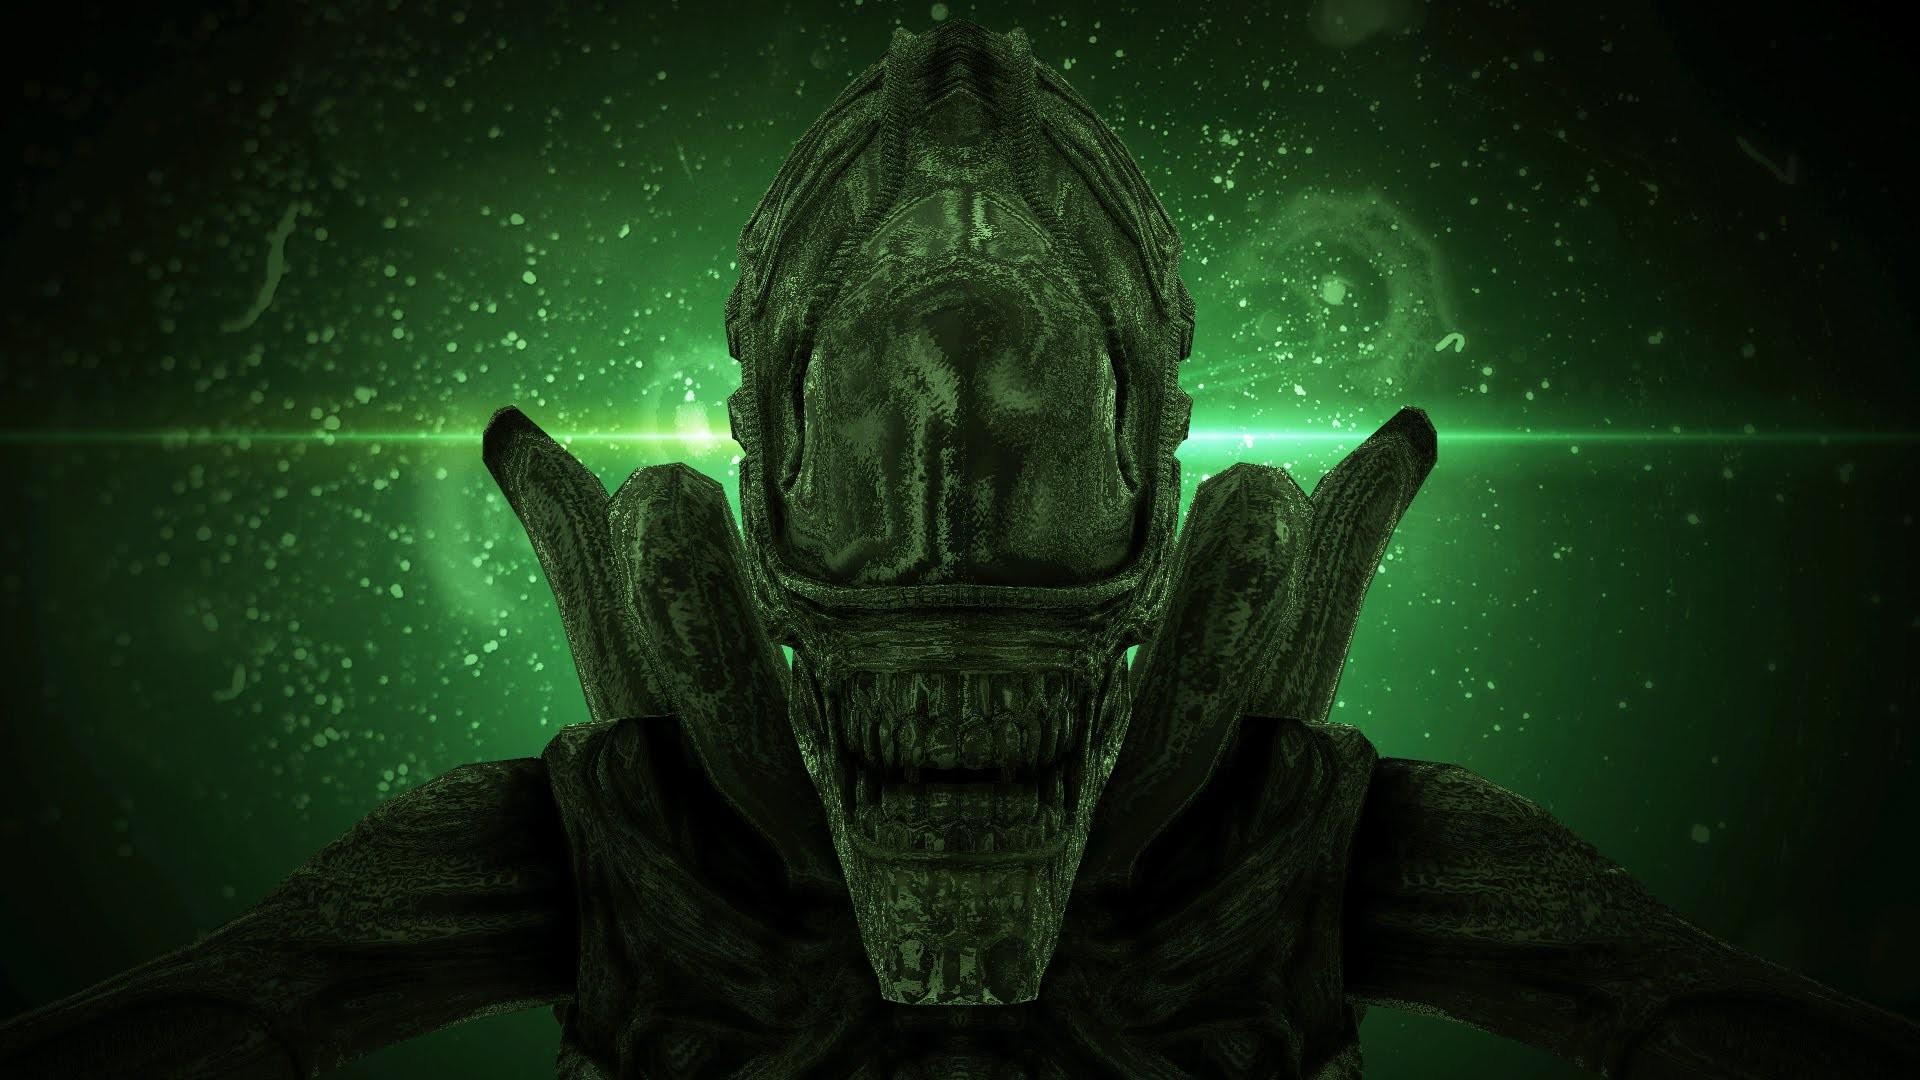 Alien Covenant HD Images whb 4 #AlienCovenantHDImages #AlienCovenant  #movies #wallpapers #hdwallpapers